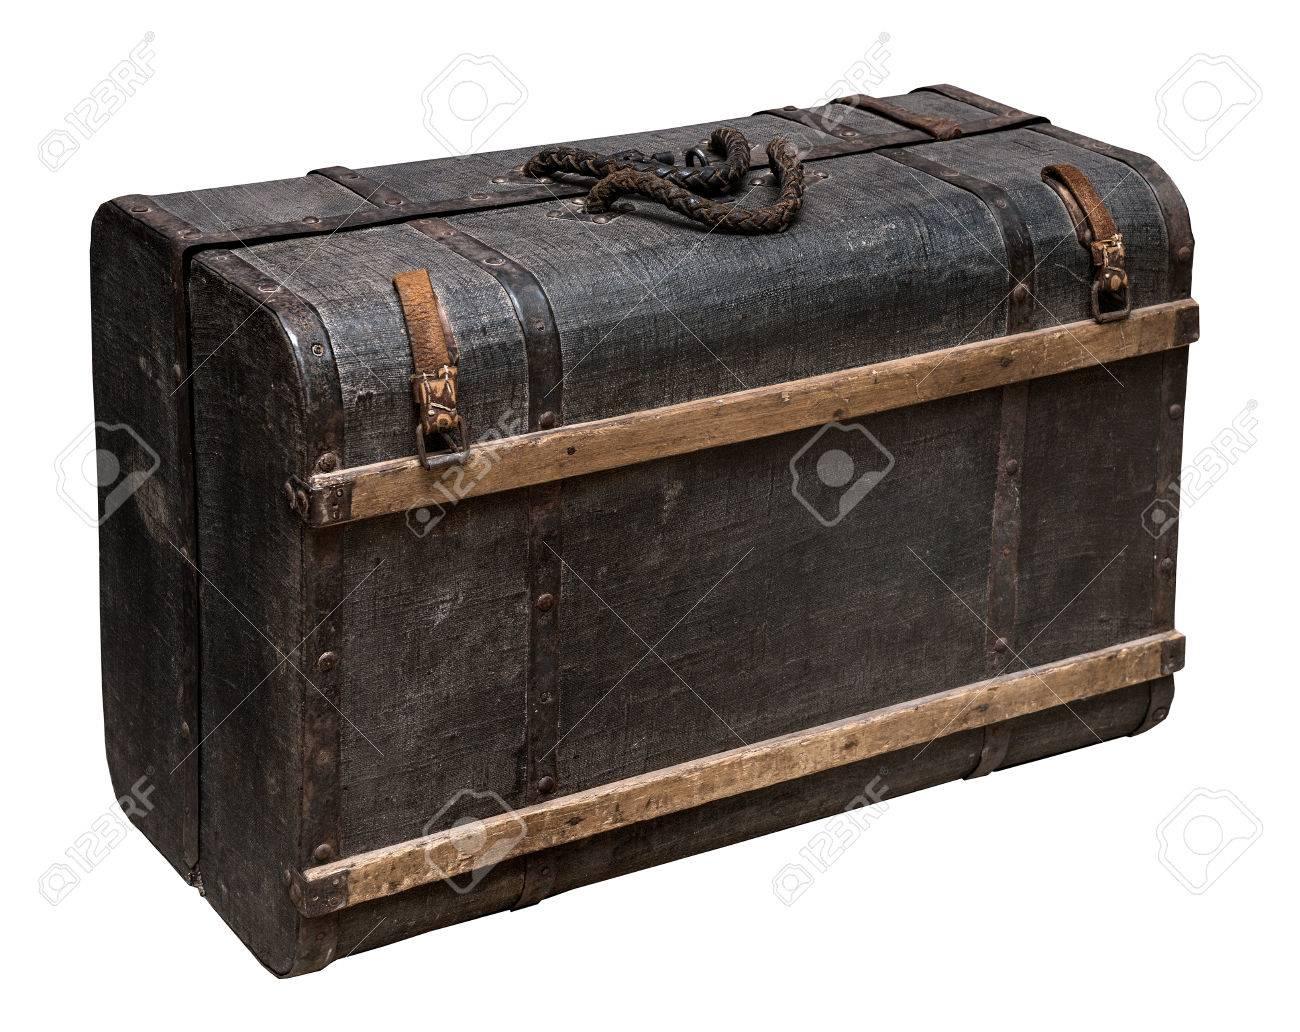 valise en bois Banque du0027images - Valise en bois Vintage XIXe siècle